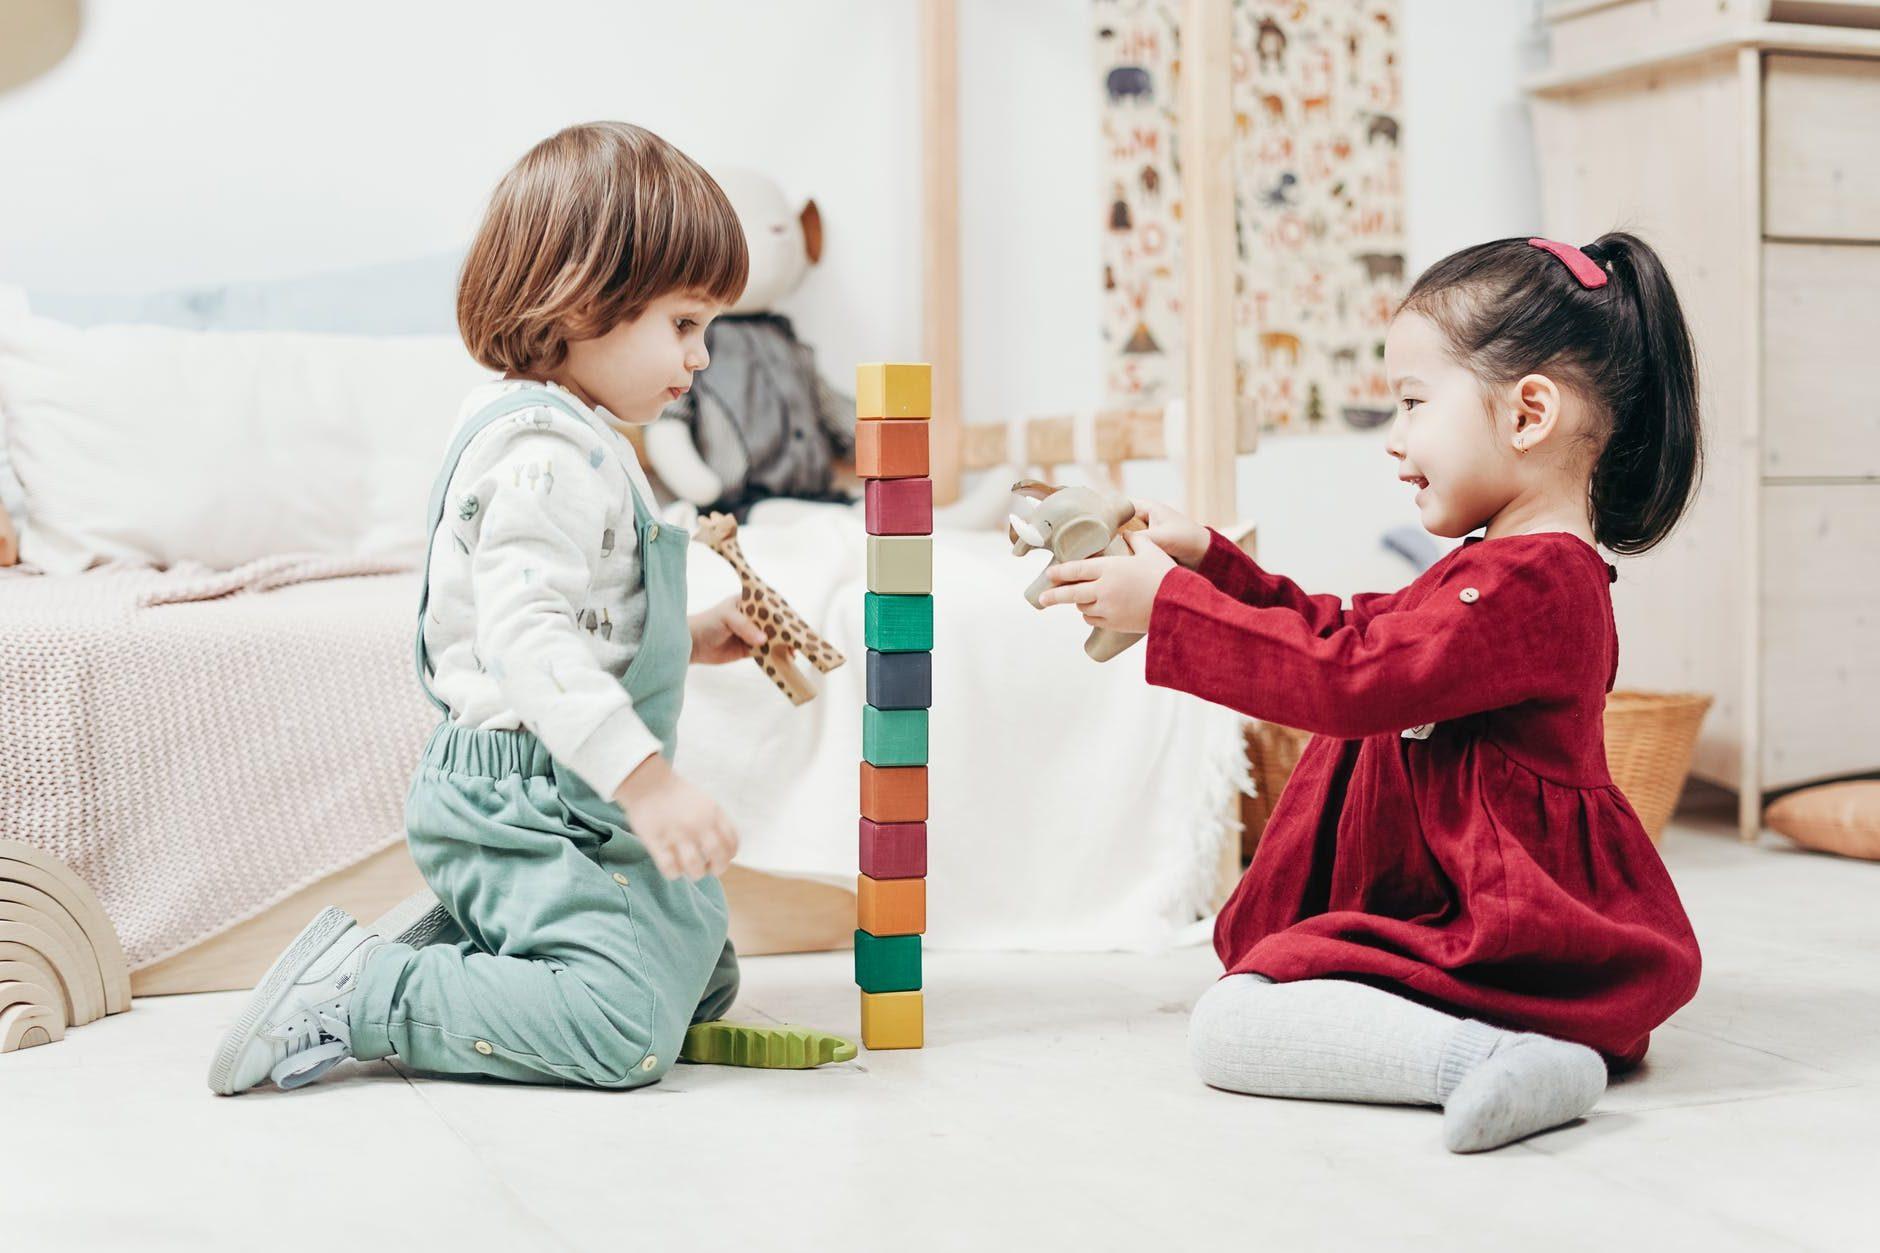 brincar_juntos